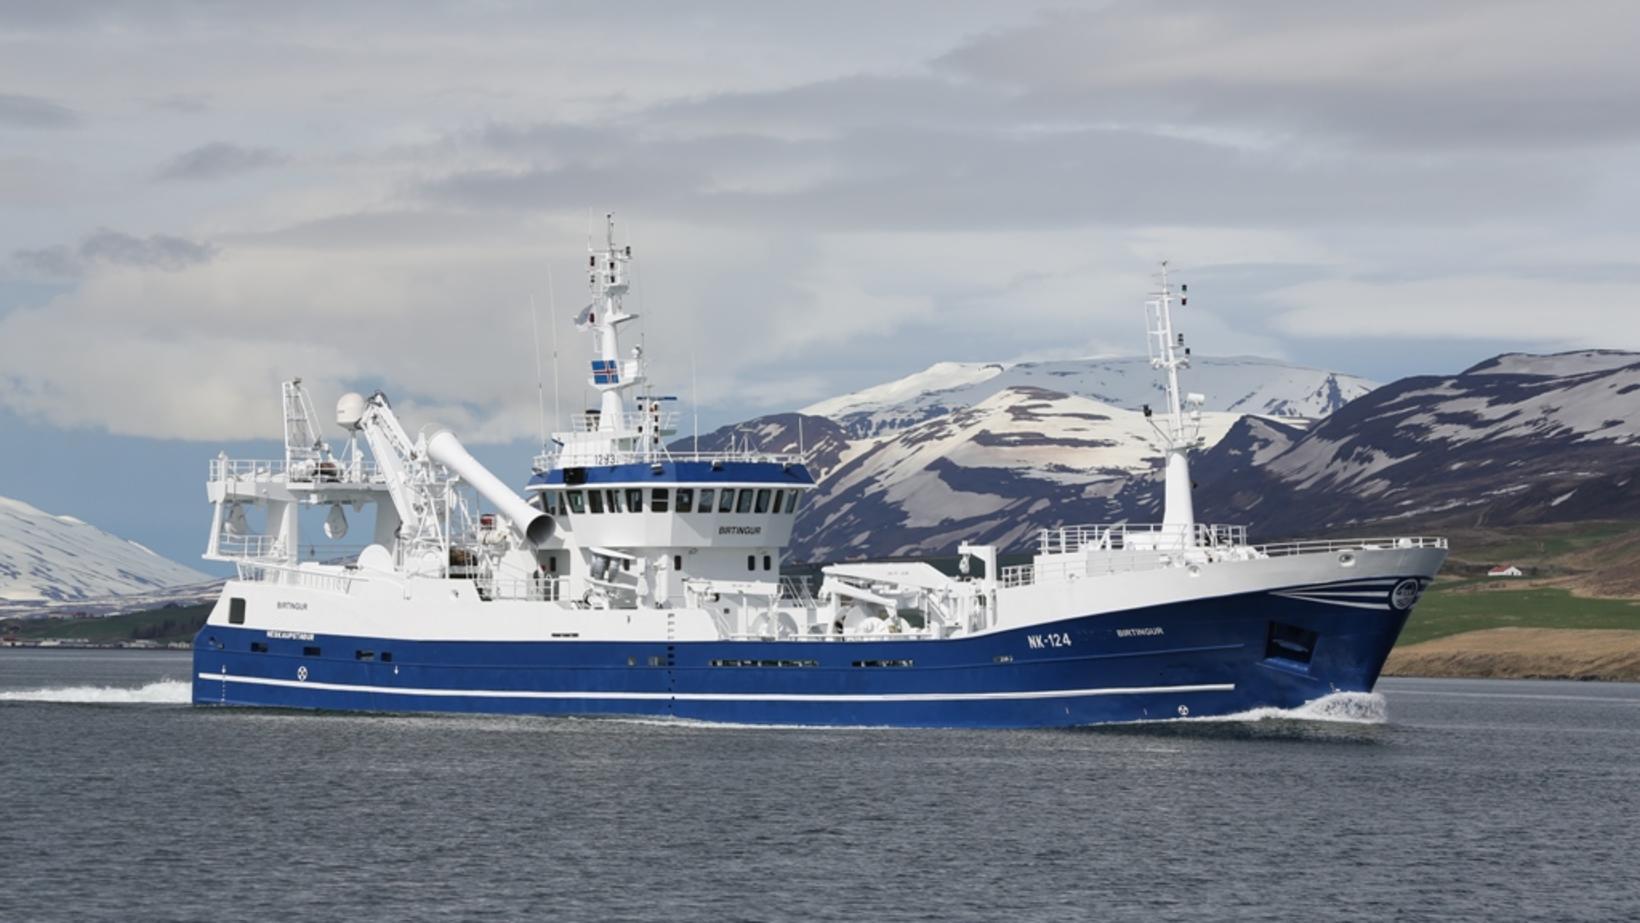 2012 fékk skipið nafnið Birtingur, en skipið hefur líklega verið …